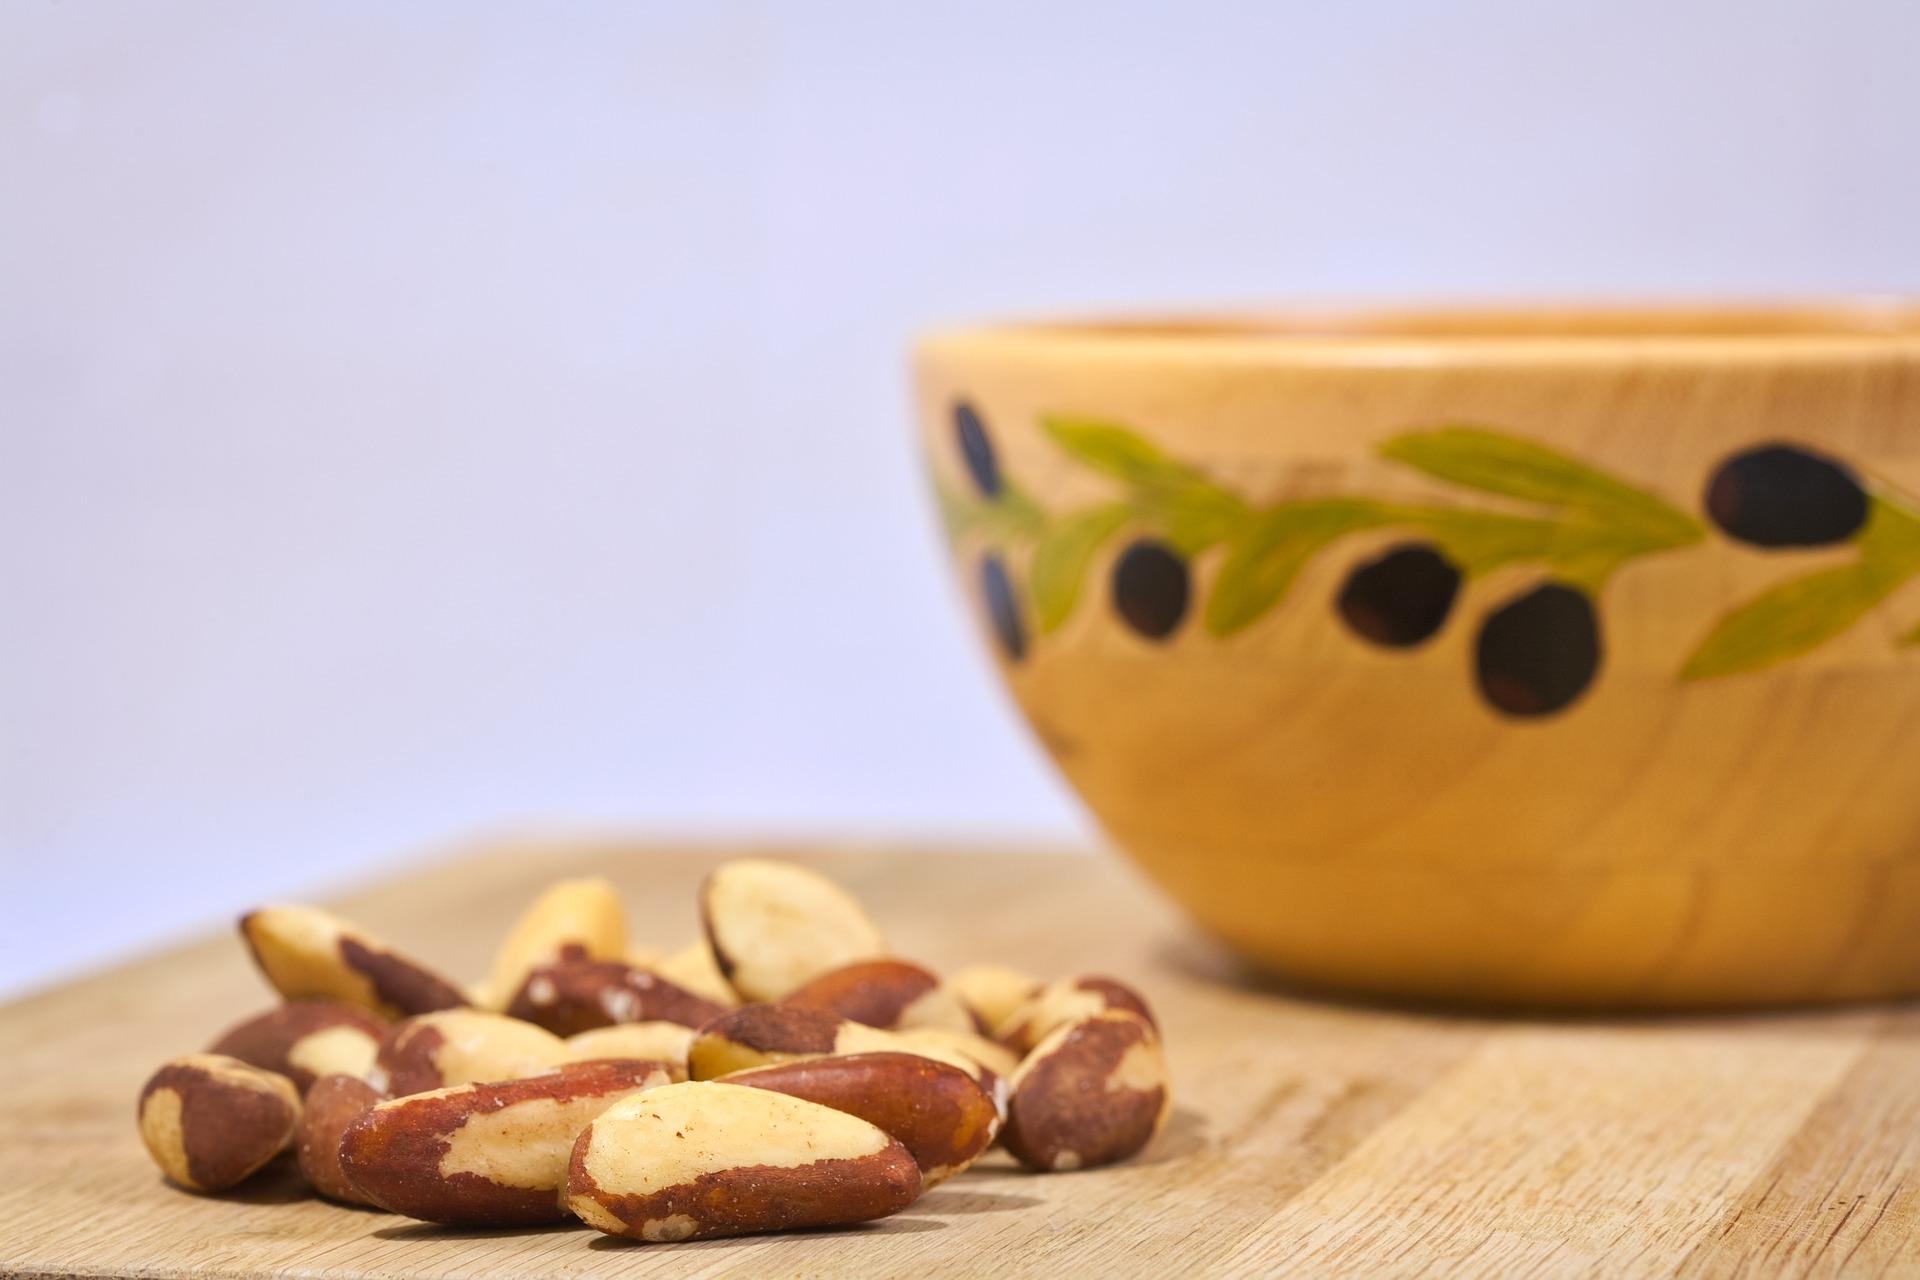 Selen- niezbędny pierwiastek dla zdrowia tarczycy